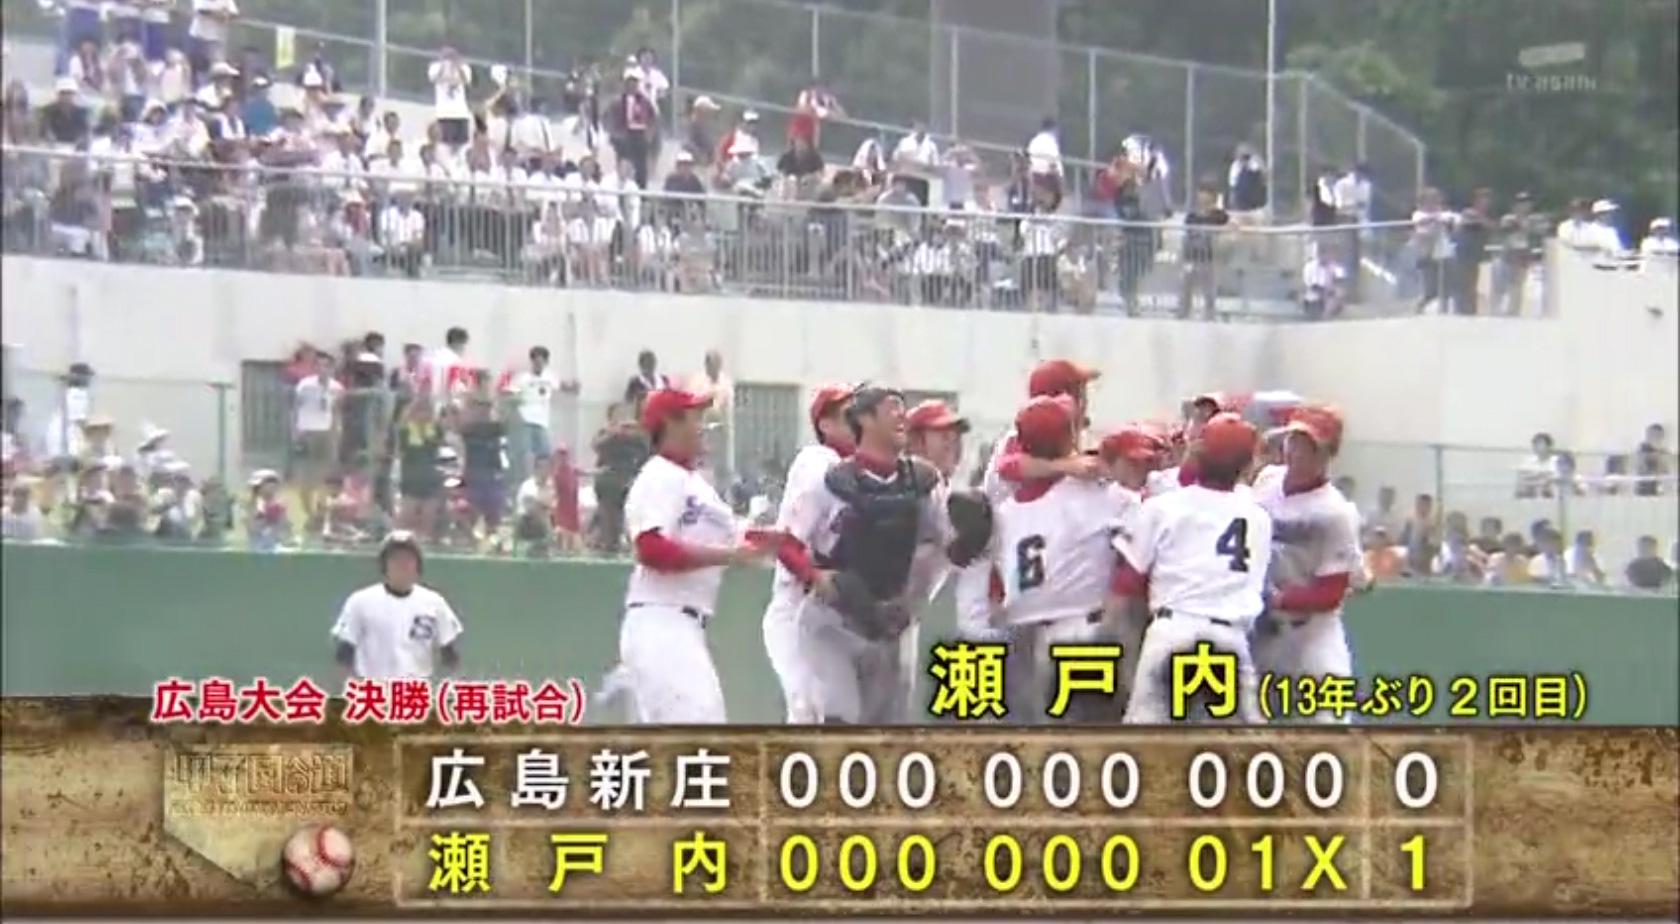 山岡泰輔(田口麗斗)